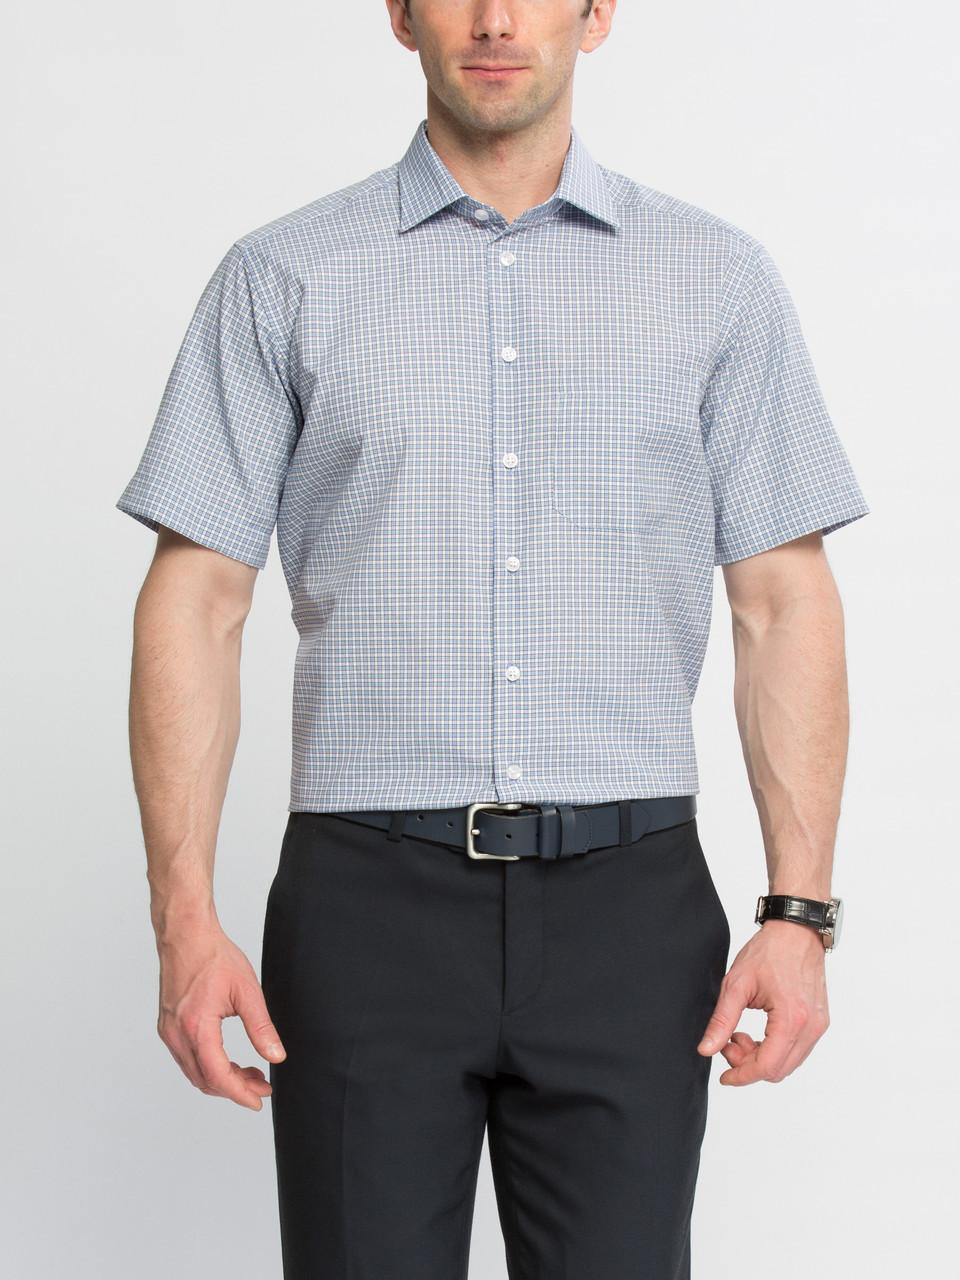 Мужская рубашка LC Waikiki с коротким рукавом белого цвета в голубую клетку